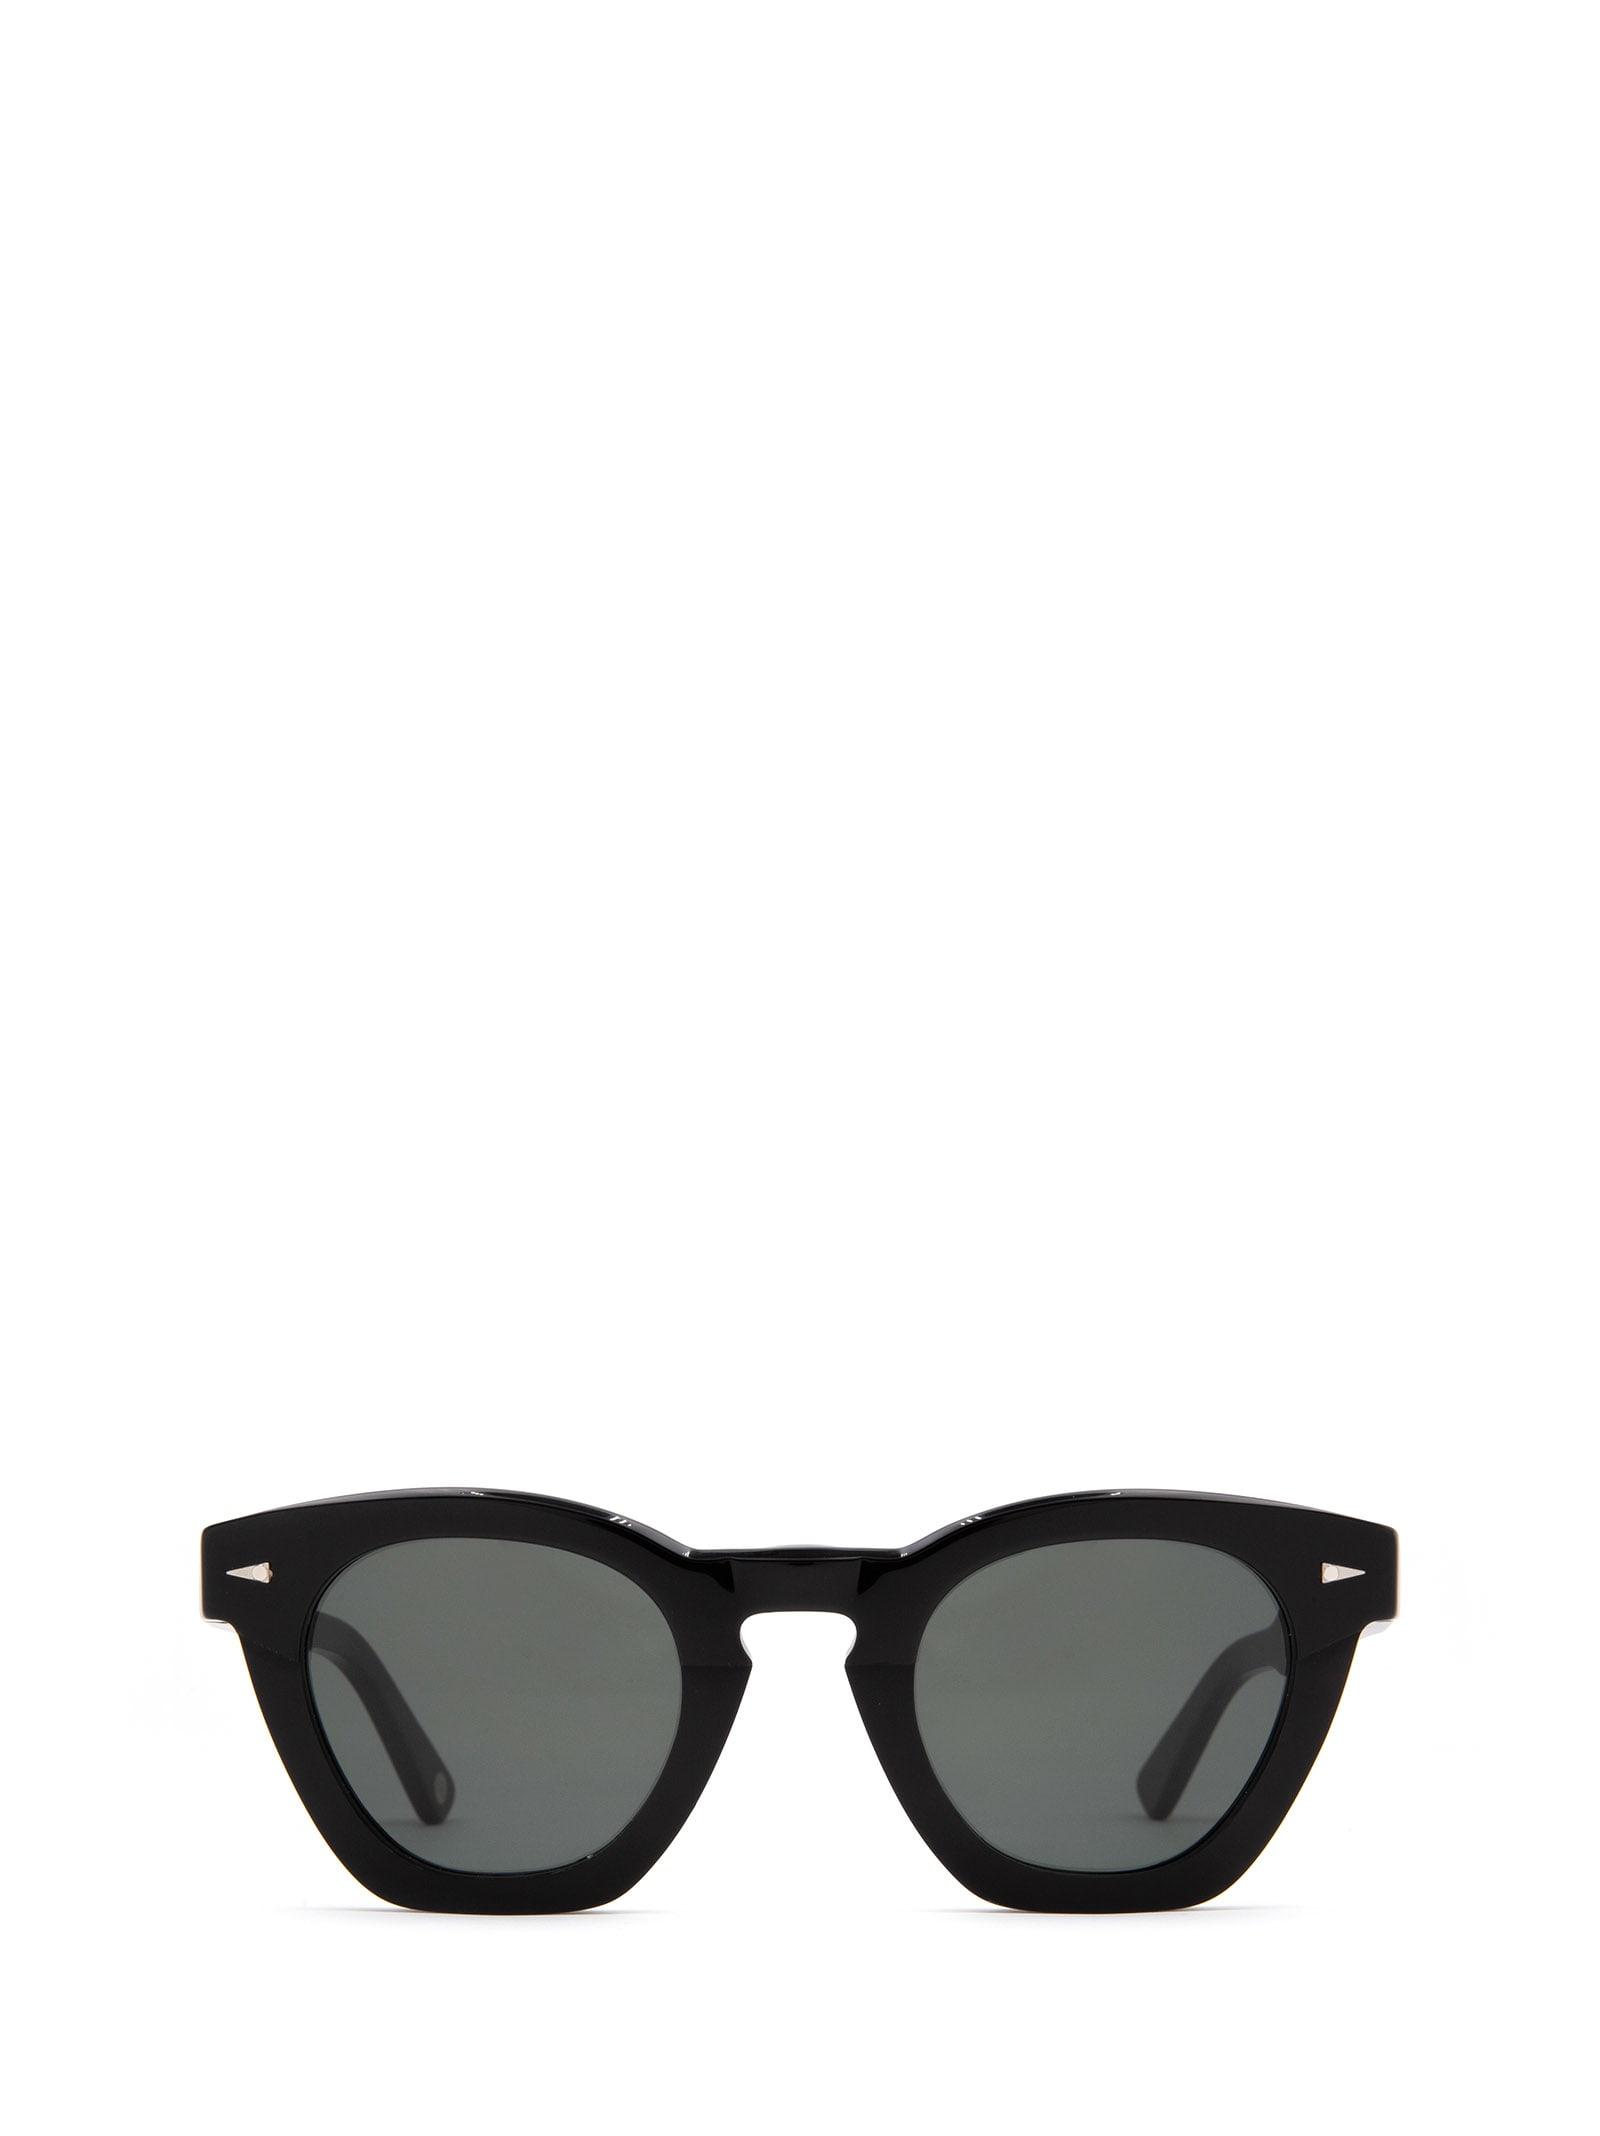 AHLEM Ahlem Montorgueil Black Sunglasses